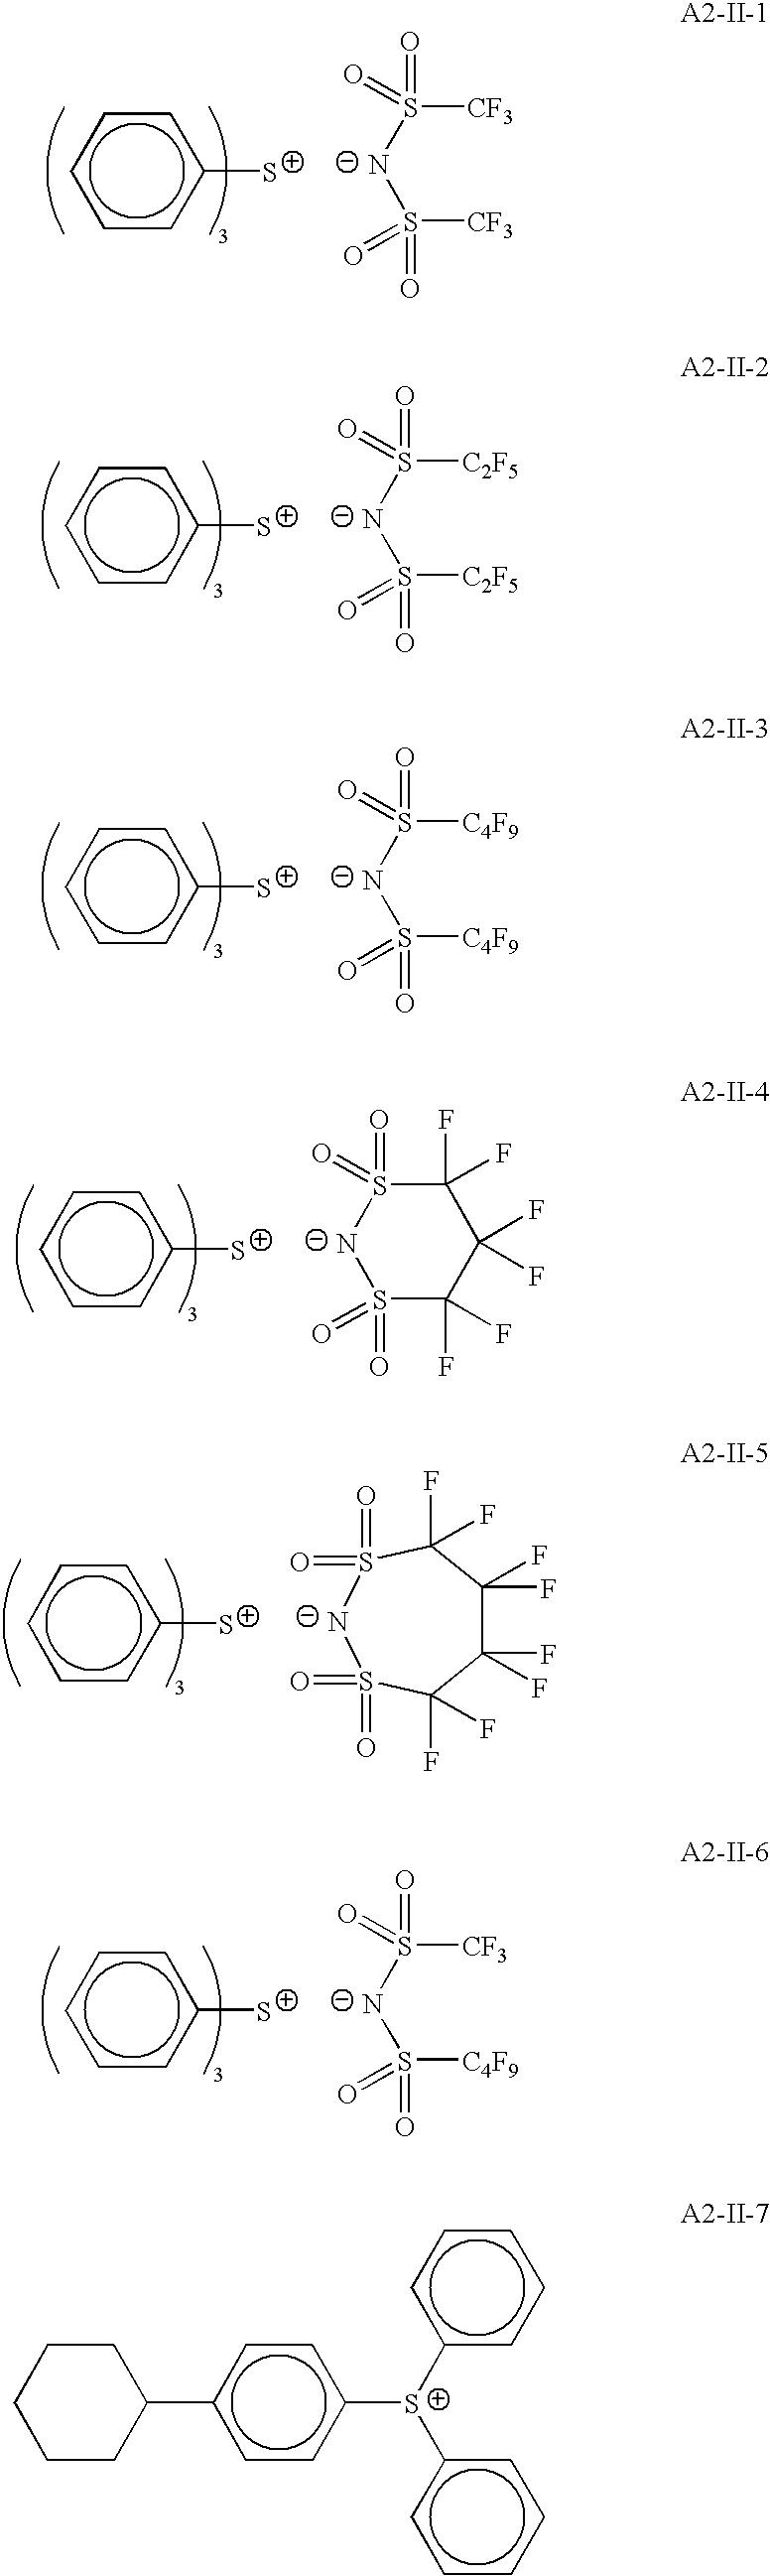 Figure US07960087-20110614-C00045